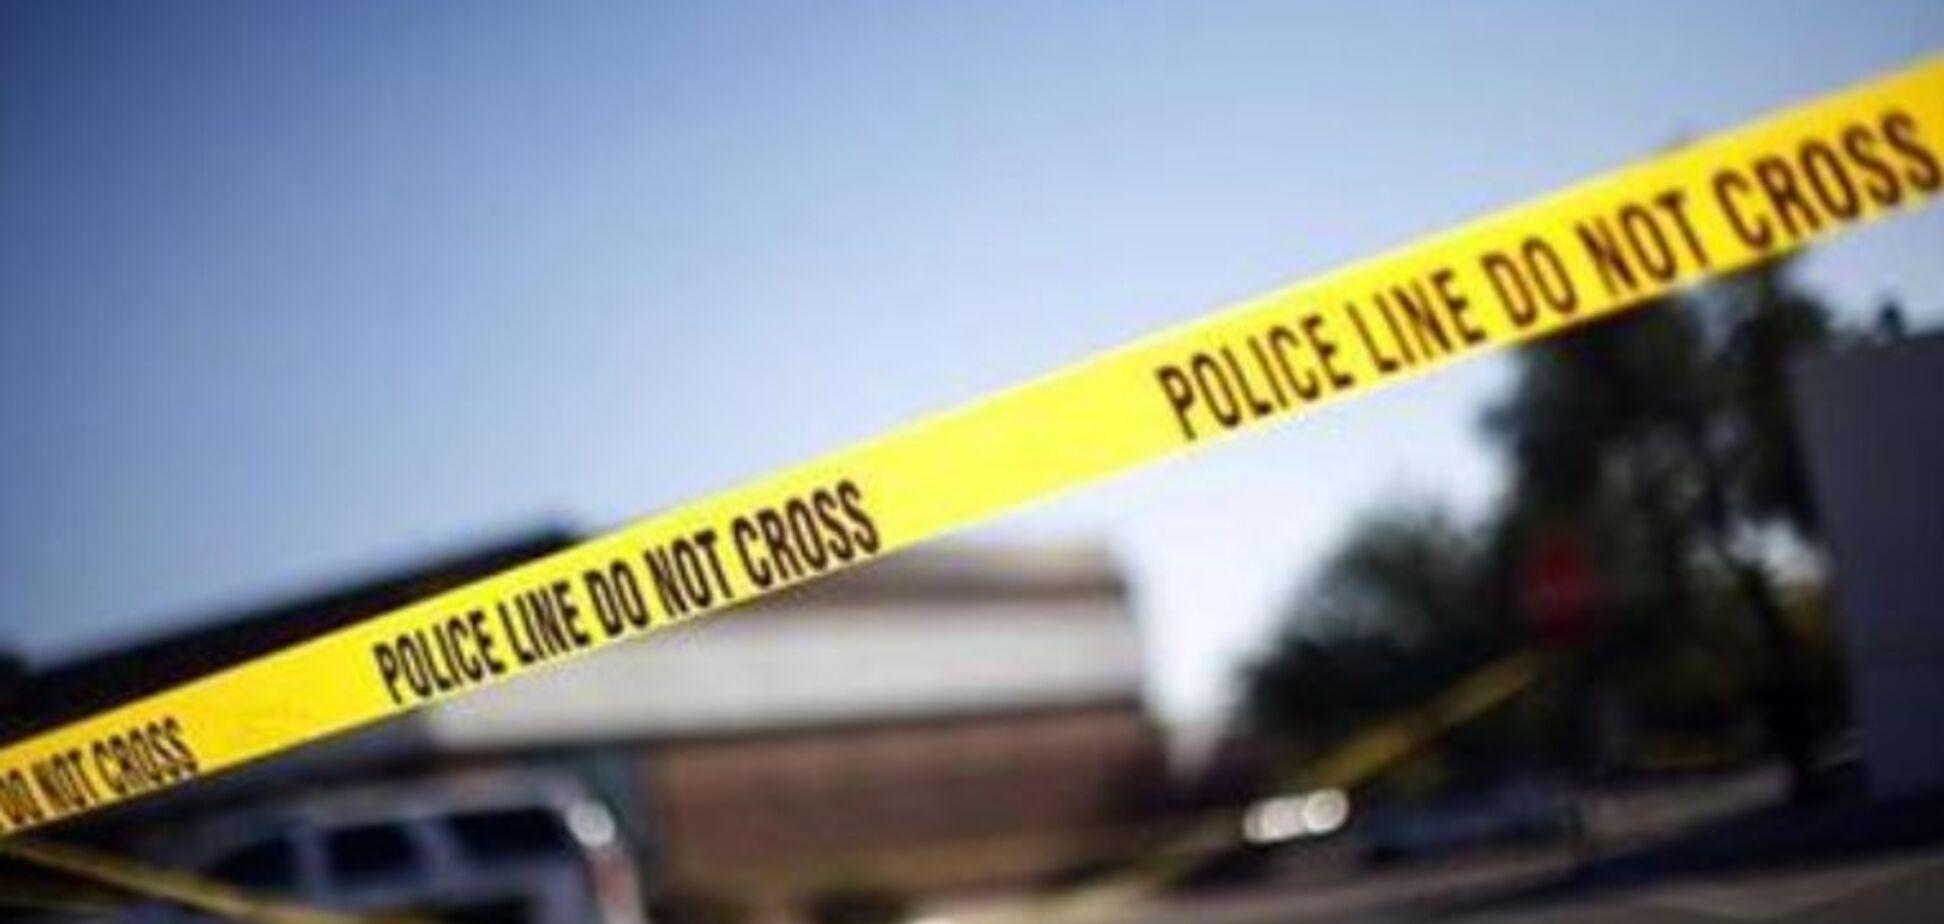 Под Сан-Франциско стрелок открыл огонь по людям: есть жертвы